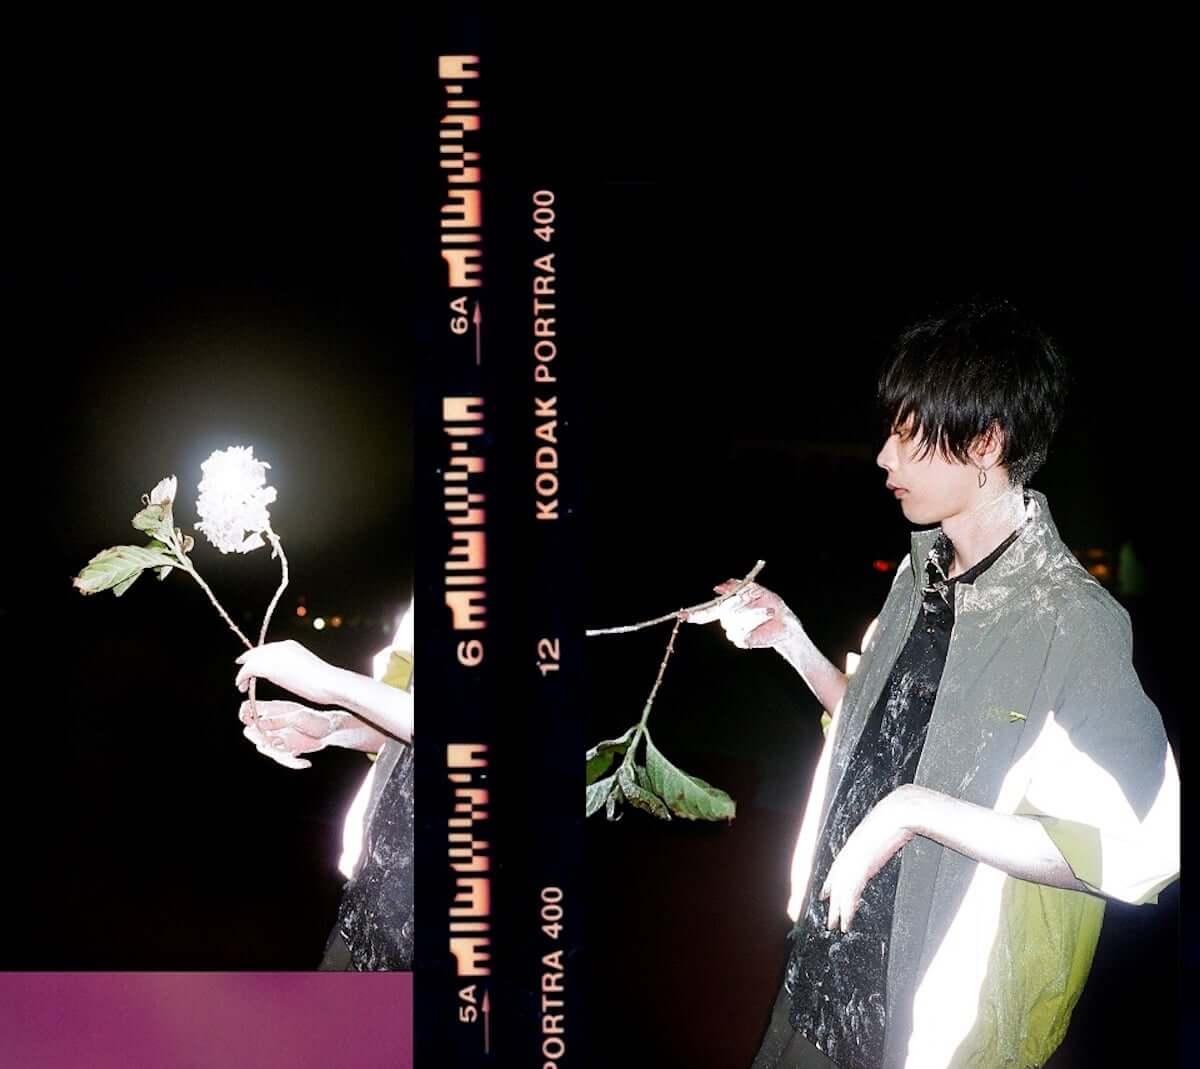 米津玄師、『Lemon』Music Videoが日本初の3億回再生を突破! reissuerecords-1200x1069